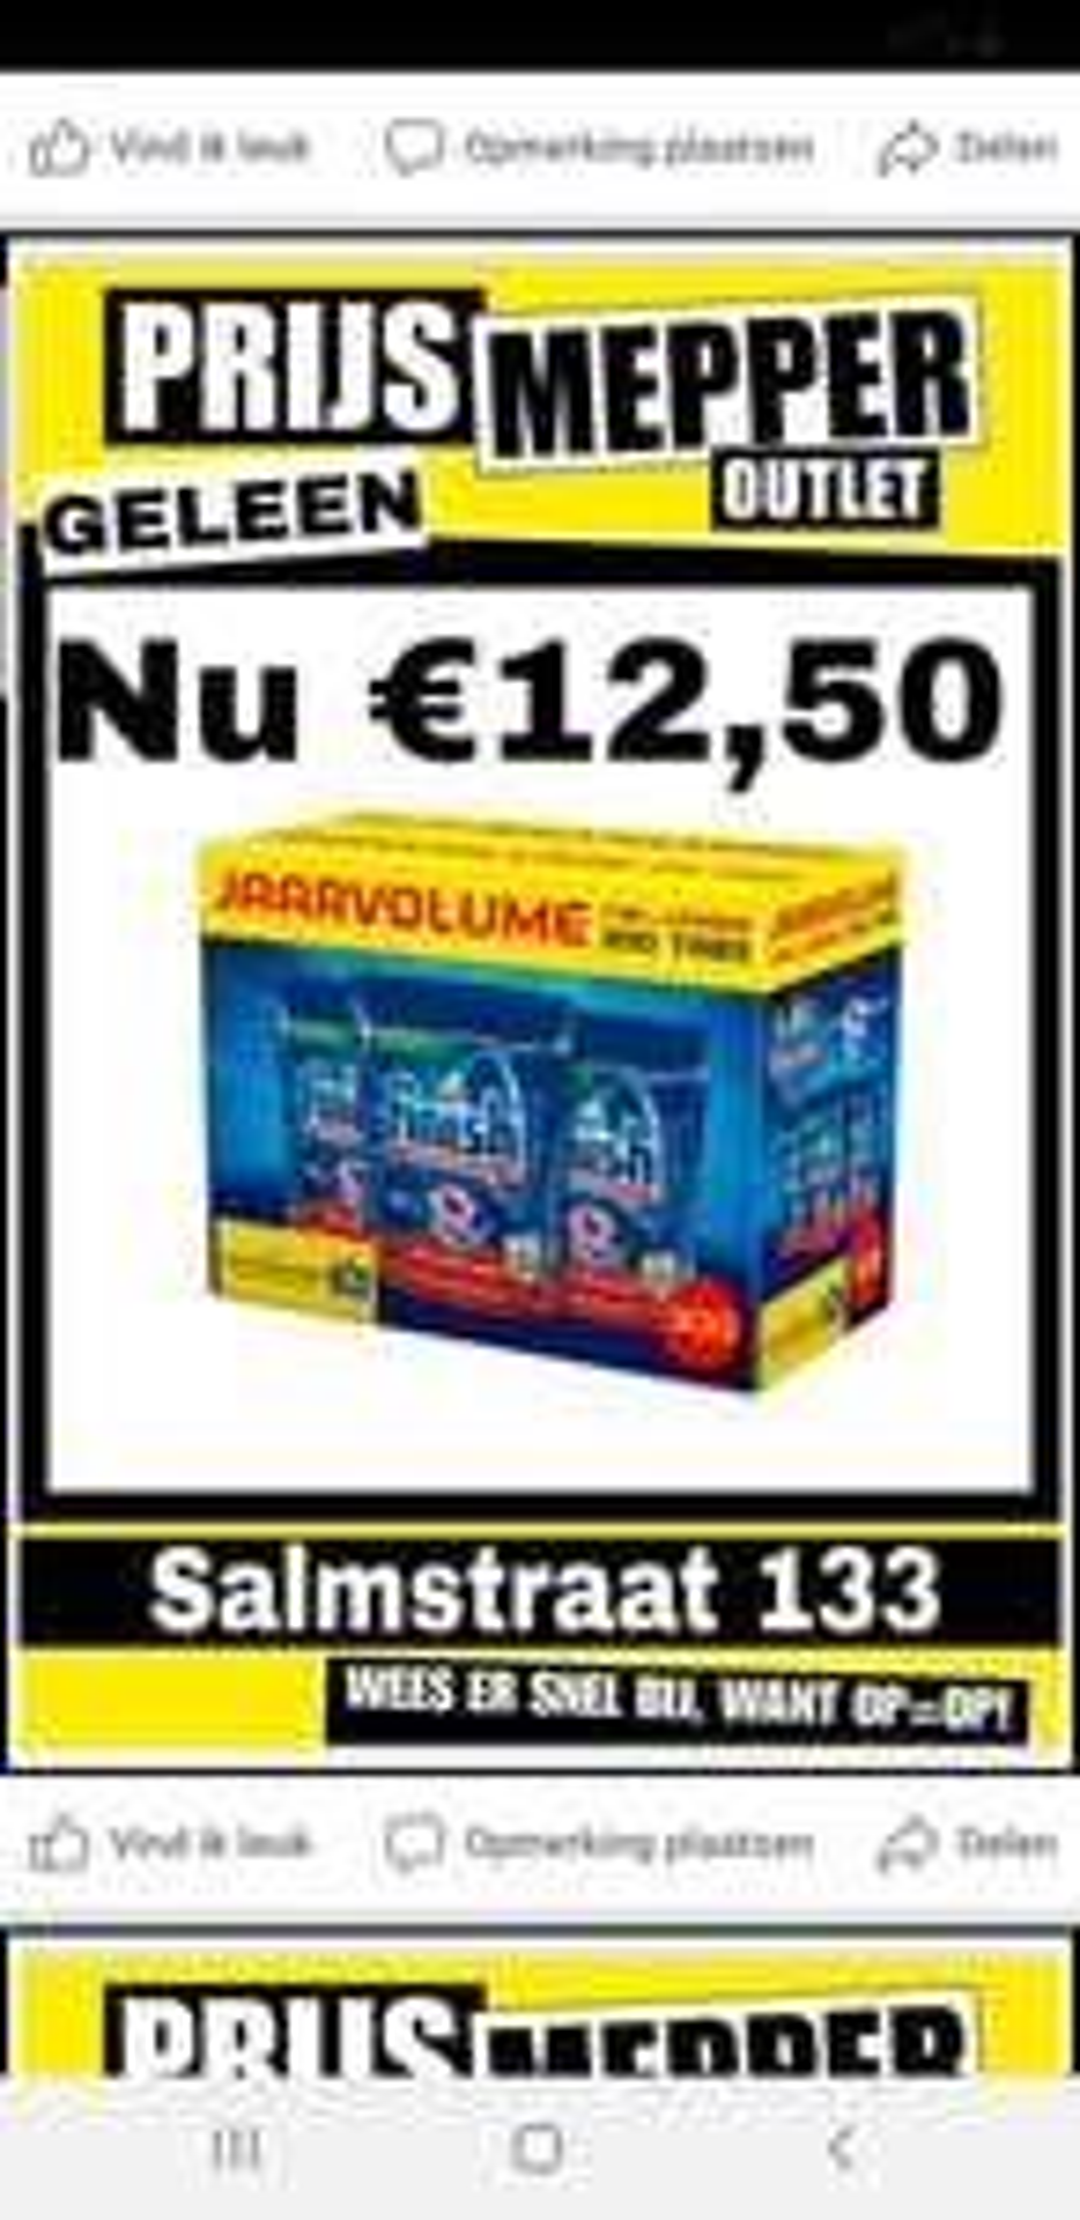 [Geleen] 300 Finish vaatwas tabletten voor €12,50